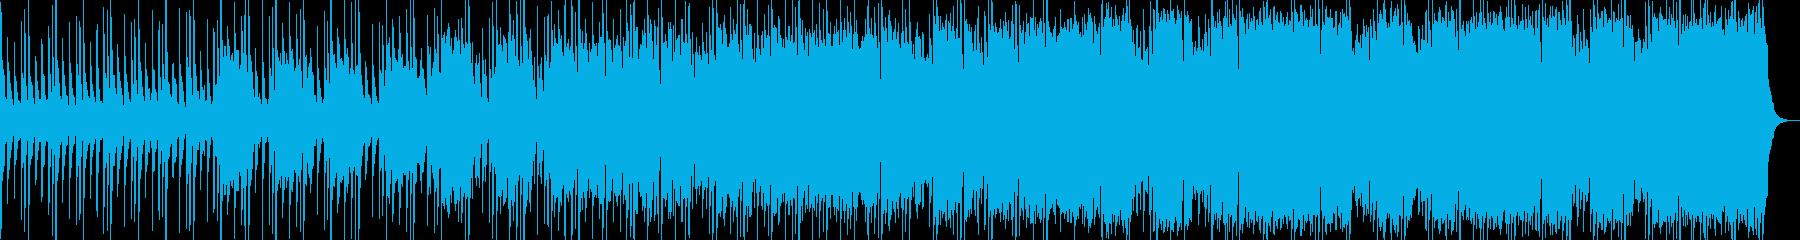 ロッキーのテーマのような勇気の出る曲の再生済みの波形